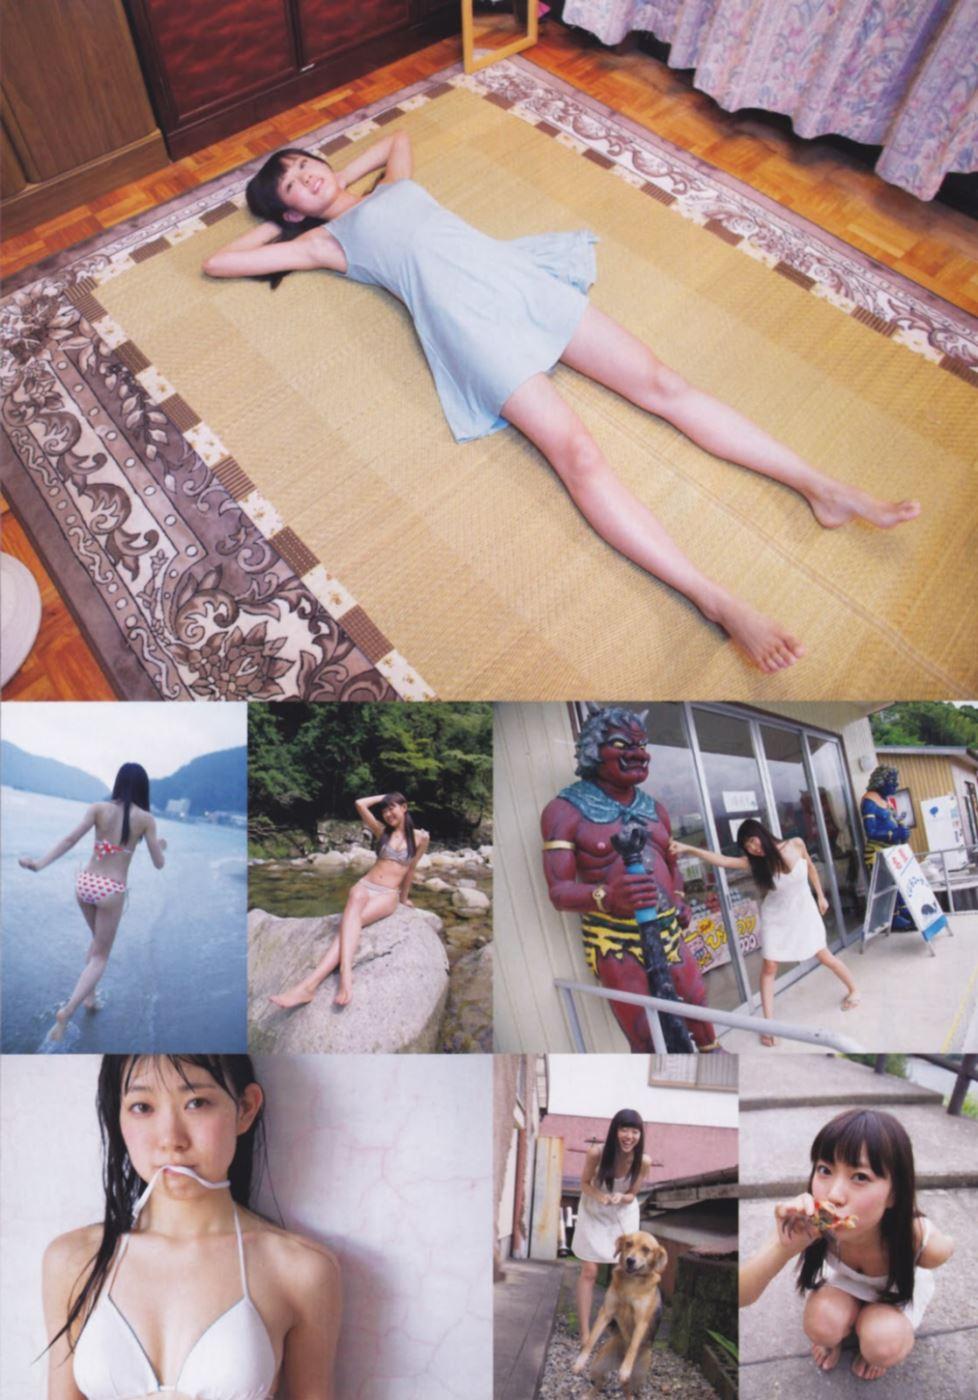 渡辺美優紀 画像 19